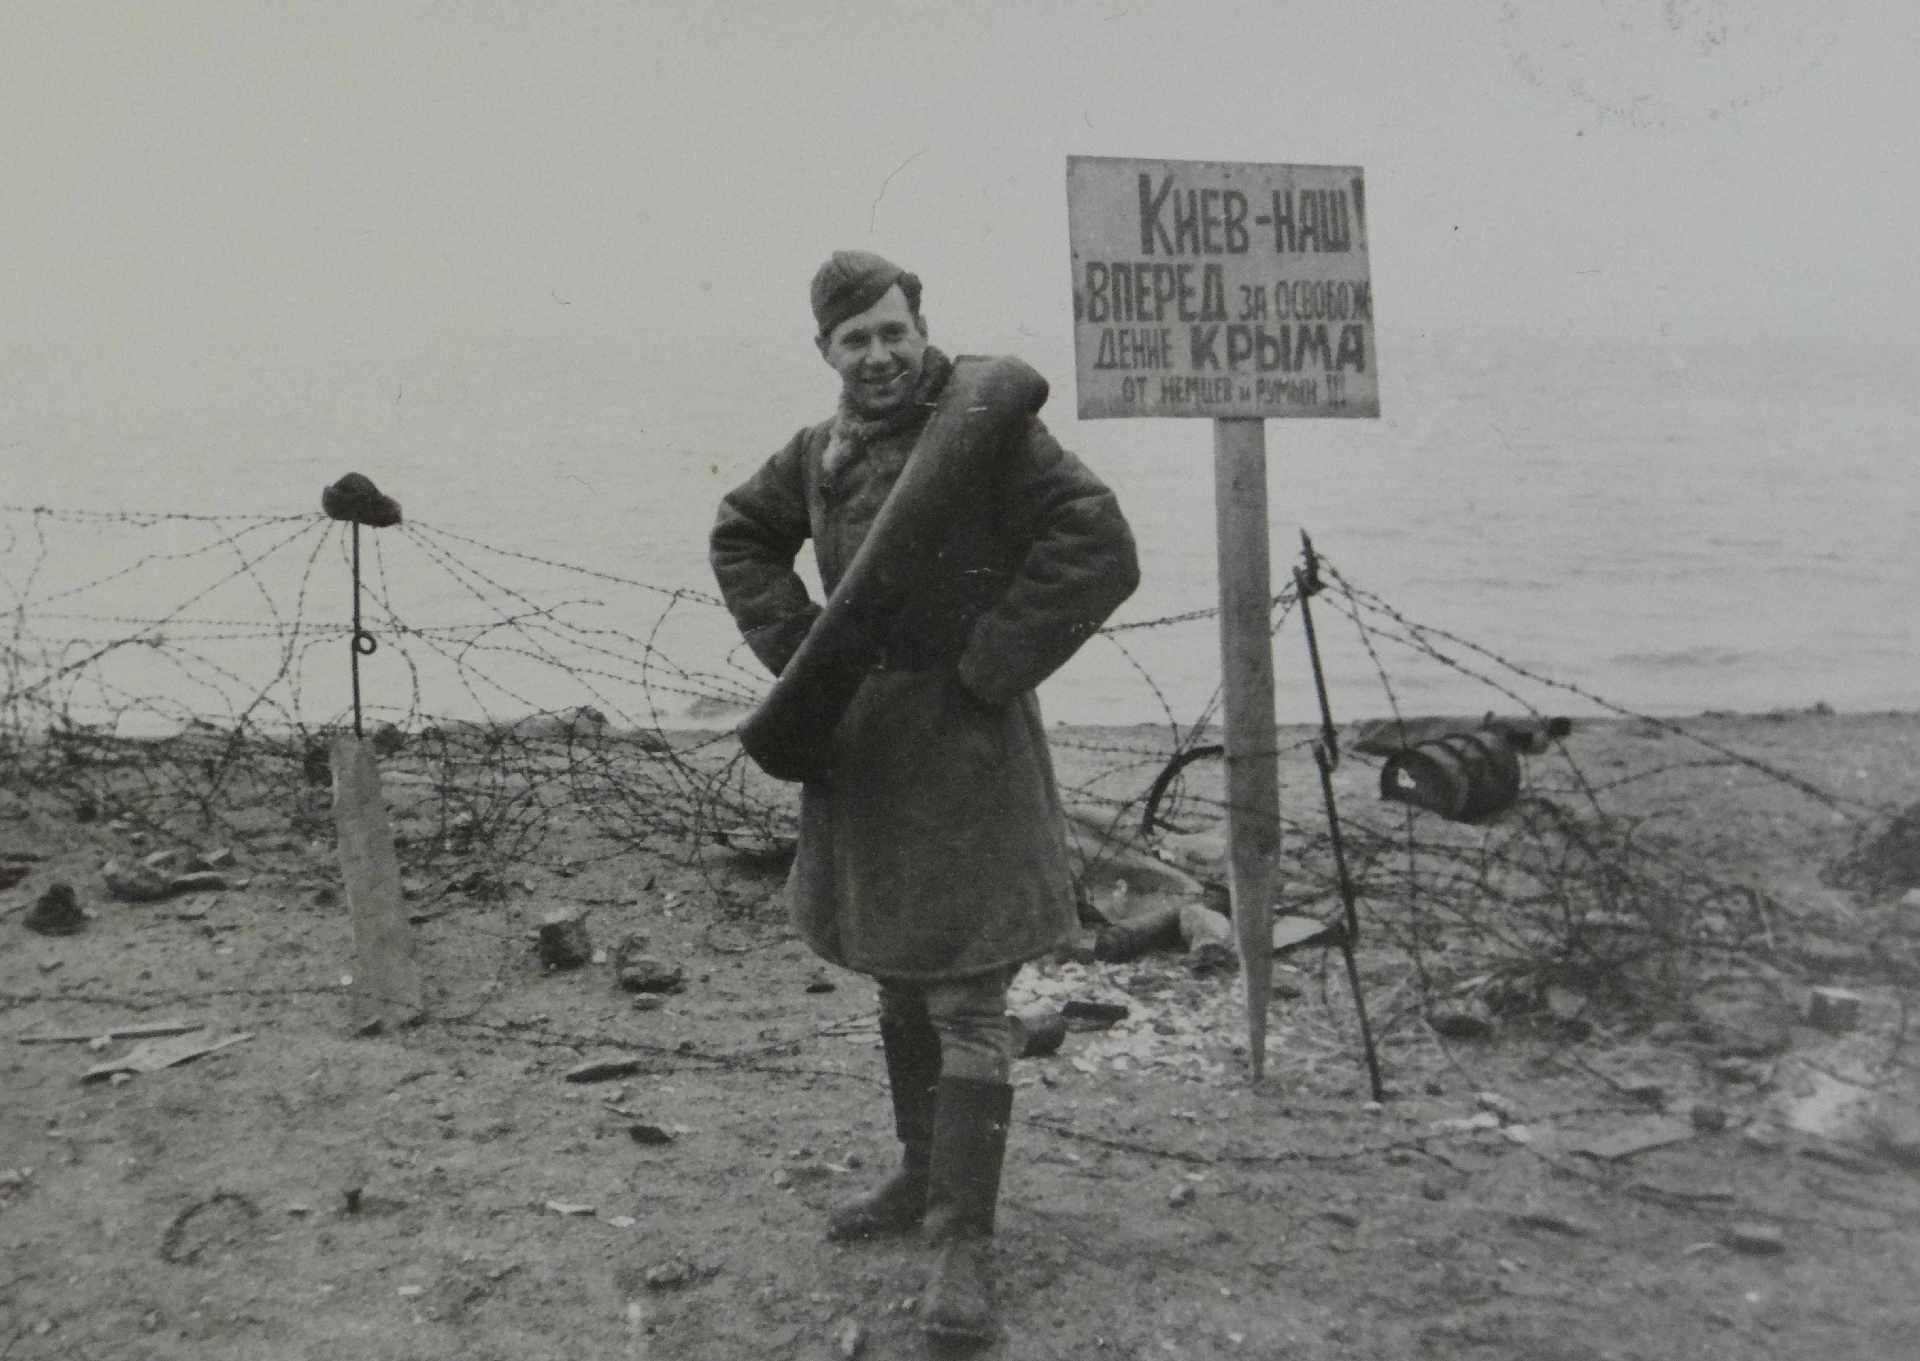 Экспонат #117. Киевская наступательная операция. Ноябрь 1943 года